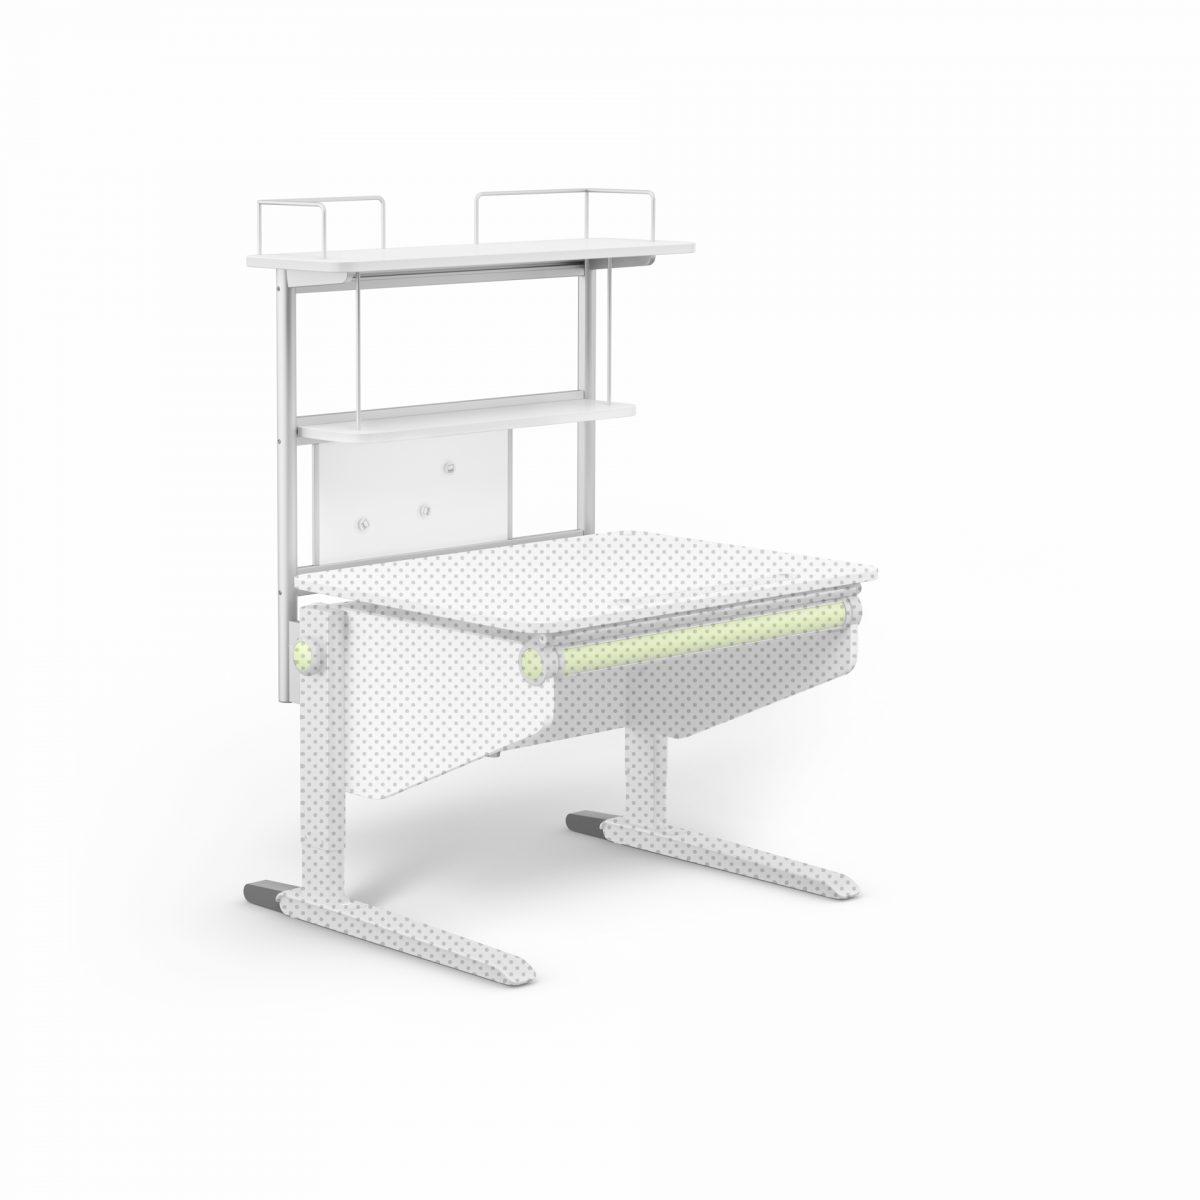 Flex deck pristavba k rostoucimu stolu Winner Compact 3 - Delso - dětský, kancelářský a bytový nábytek